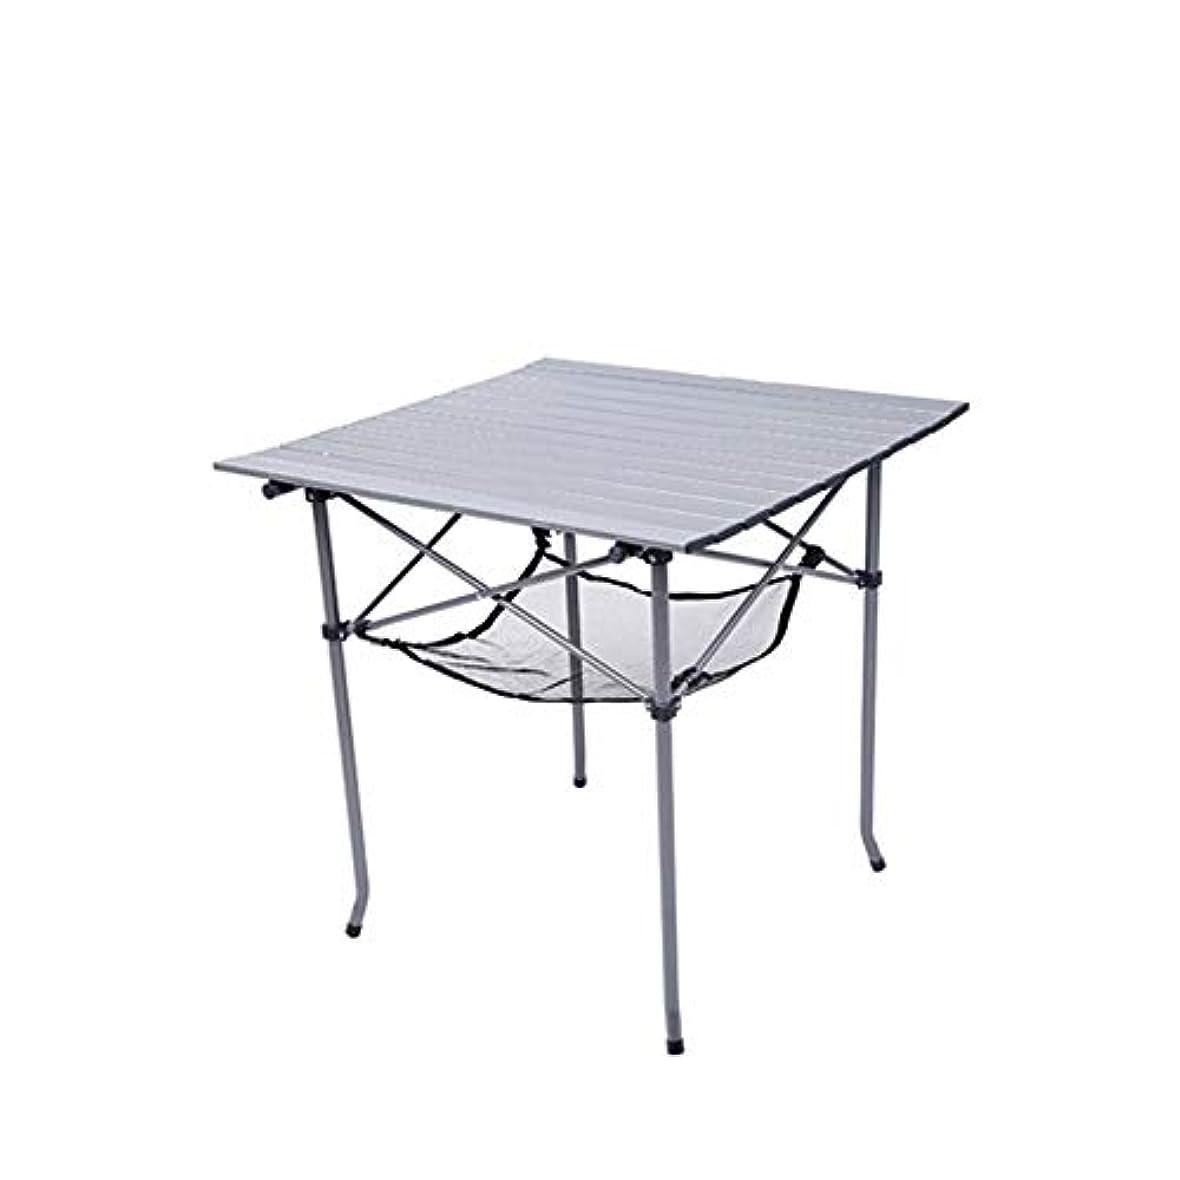 慎重にブルジョン男やもめLJHA zhuozi 折りたたみ式テーブル長方形アルミクローラタイプ折りたたみ、優れた滑り止め安定性、80Kg積載量、シルバー (サイズ さいず : 69 × 70 ×69cm)